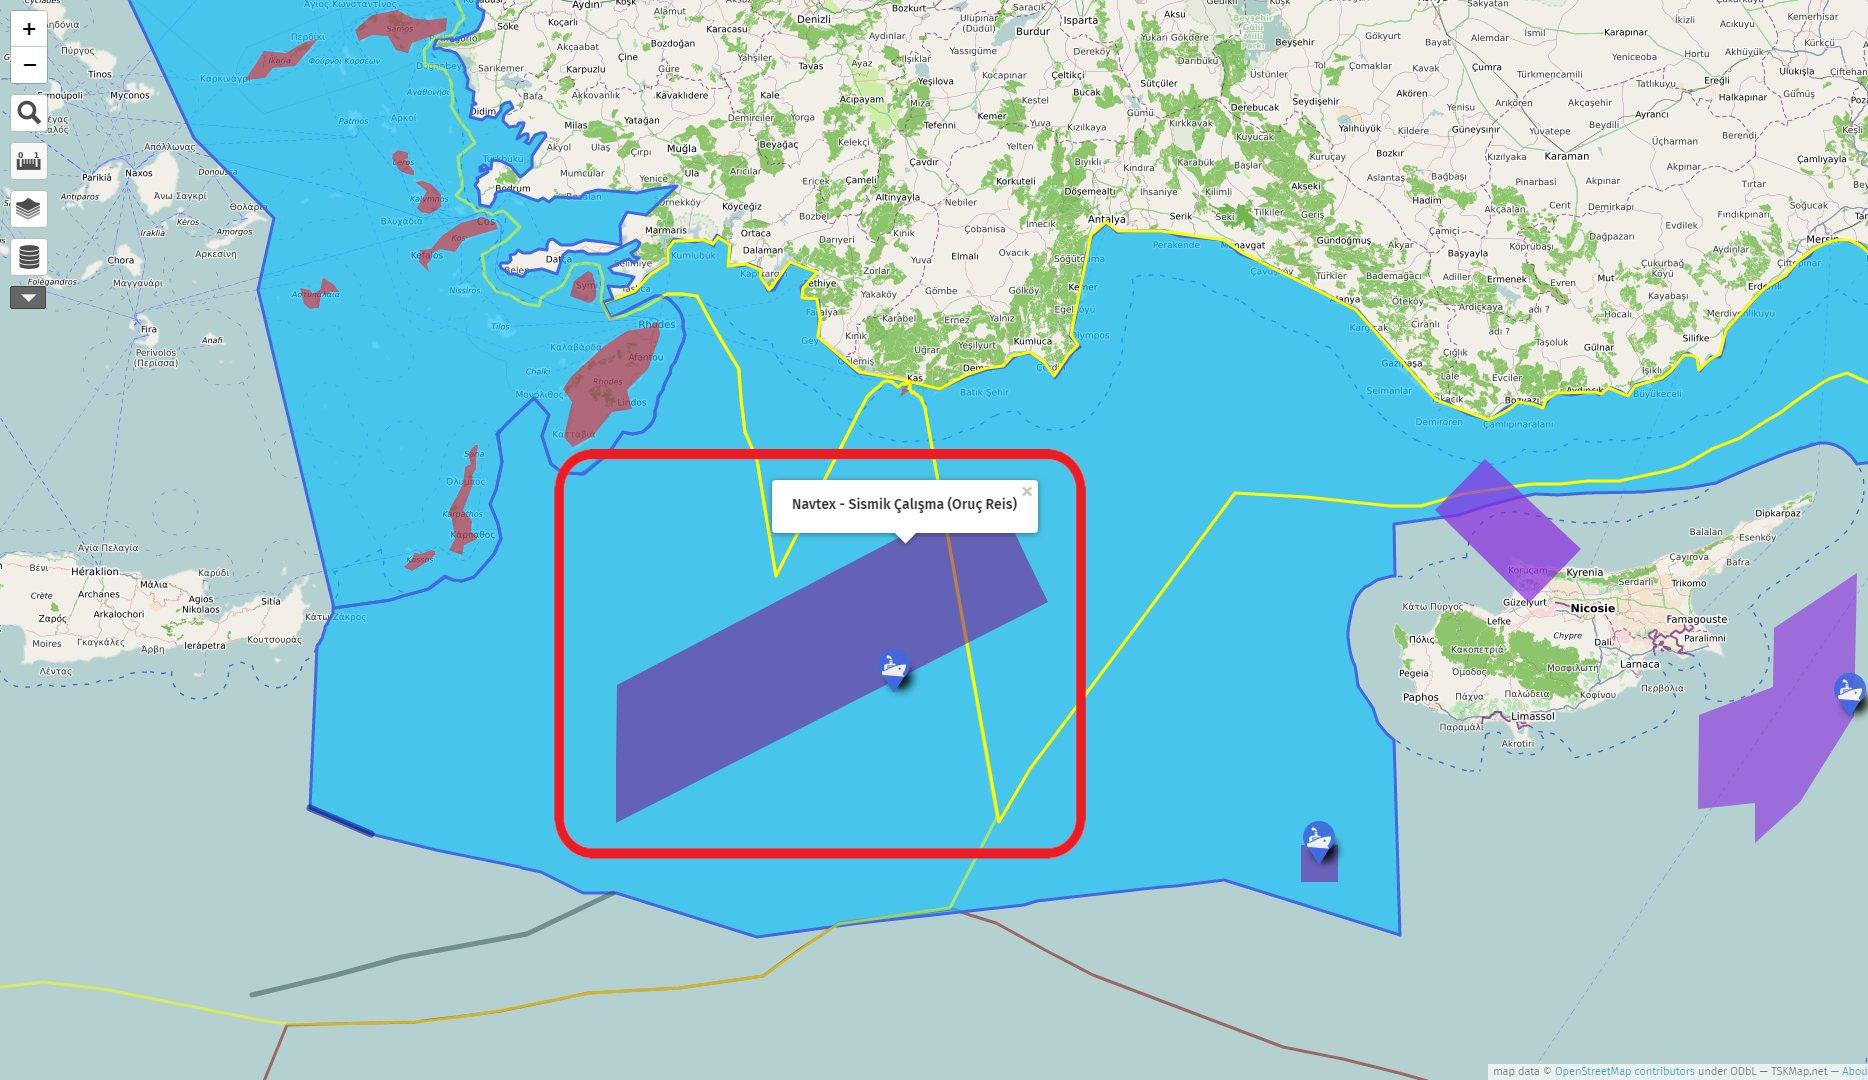 Oruç Reis Araştırma Gemisi Navtex alanı